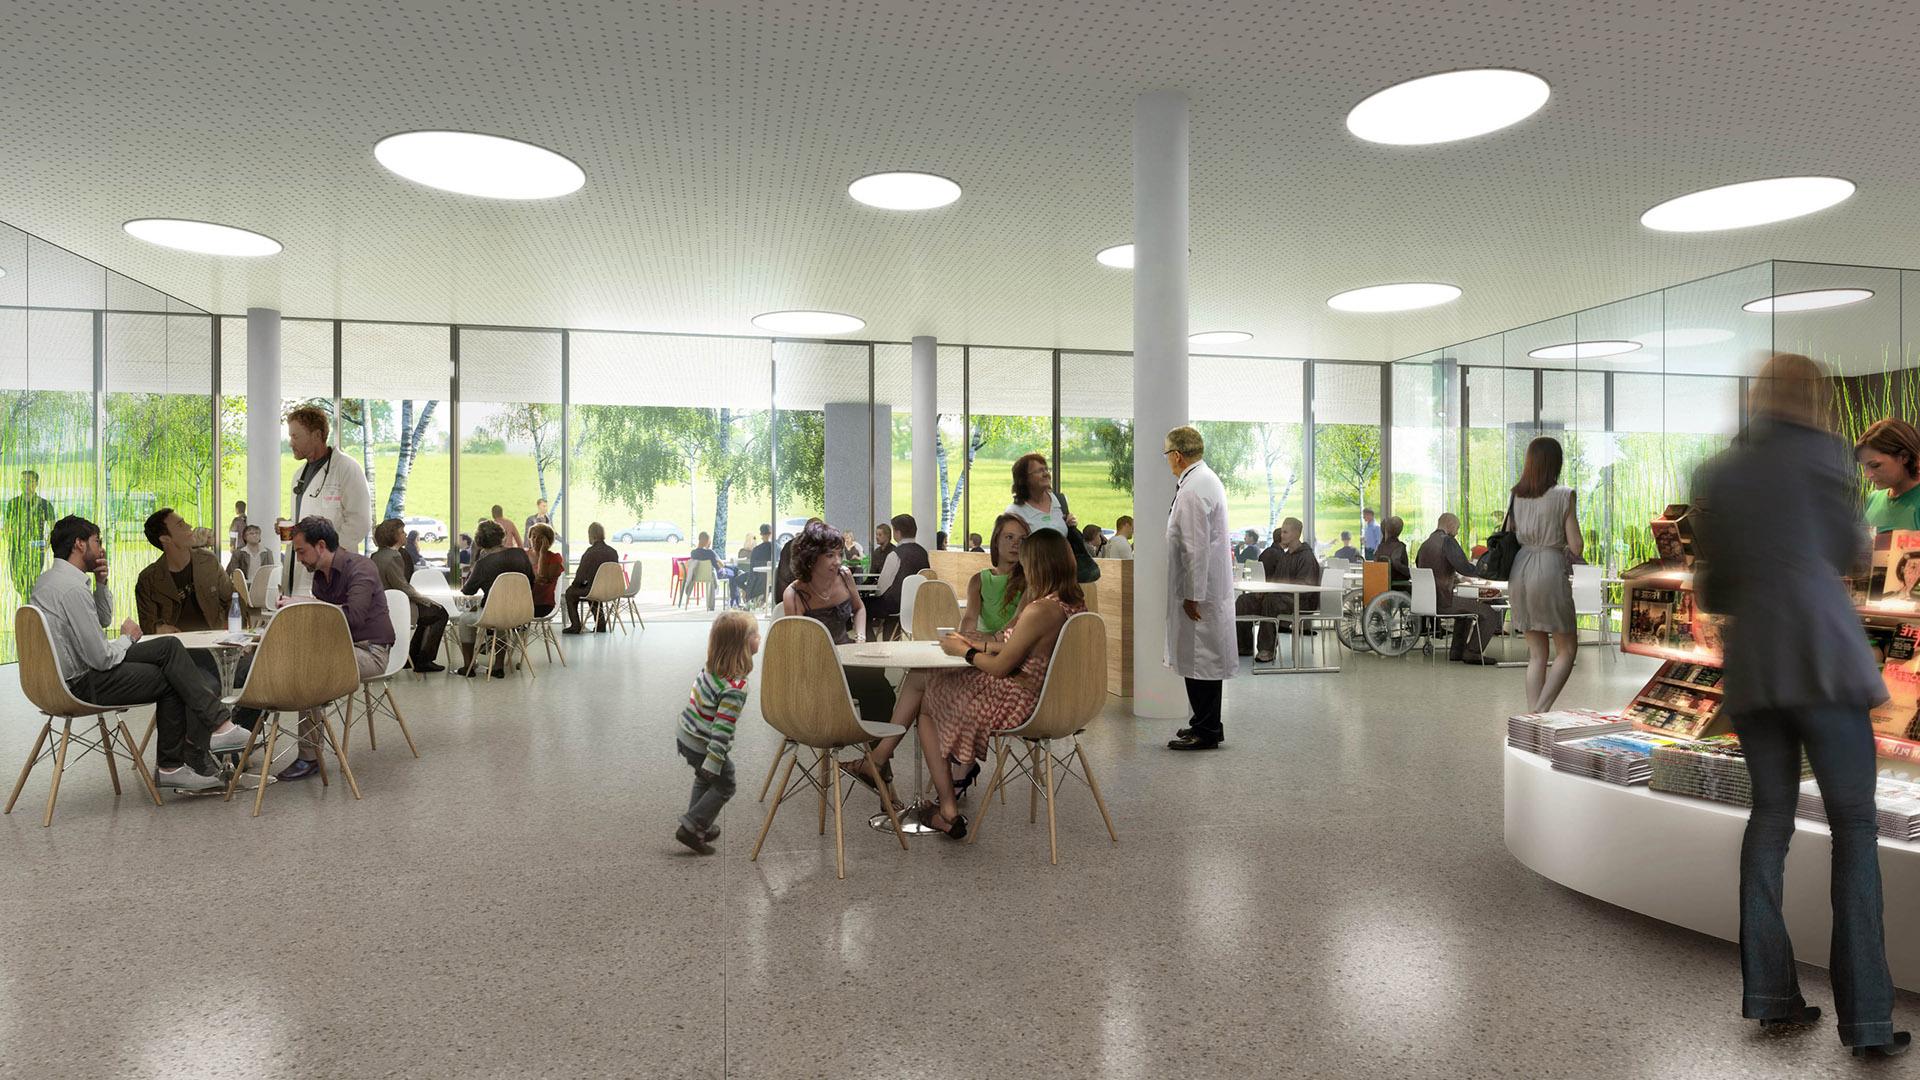 Perspective de concours - Brunet Saunier Architectes - Hôpital à Zurich